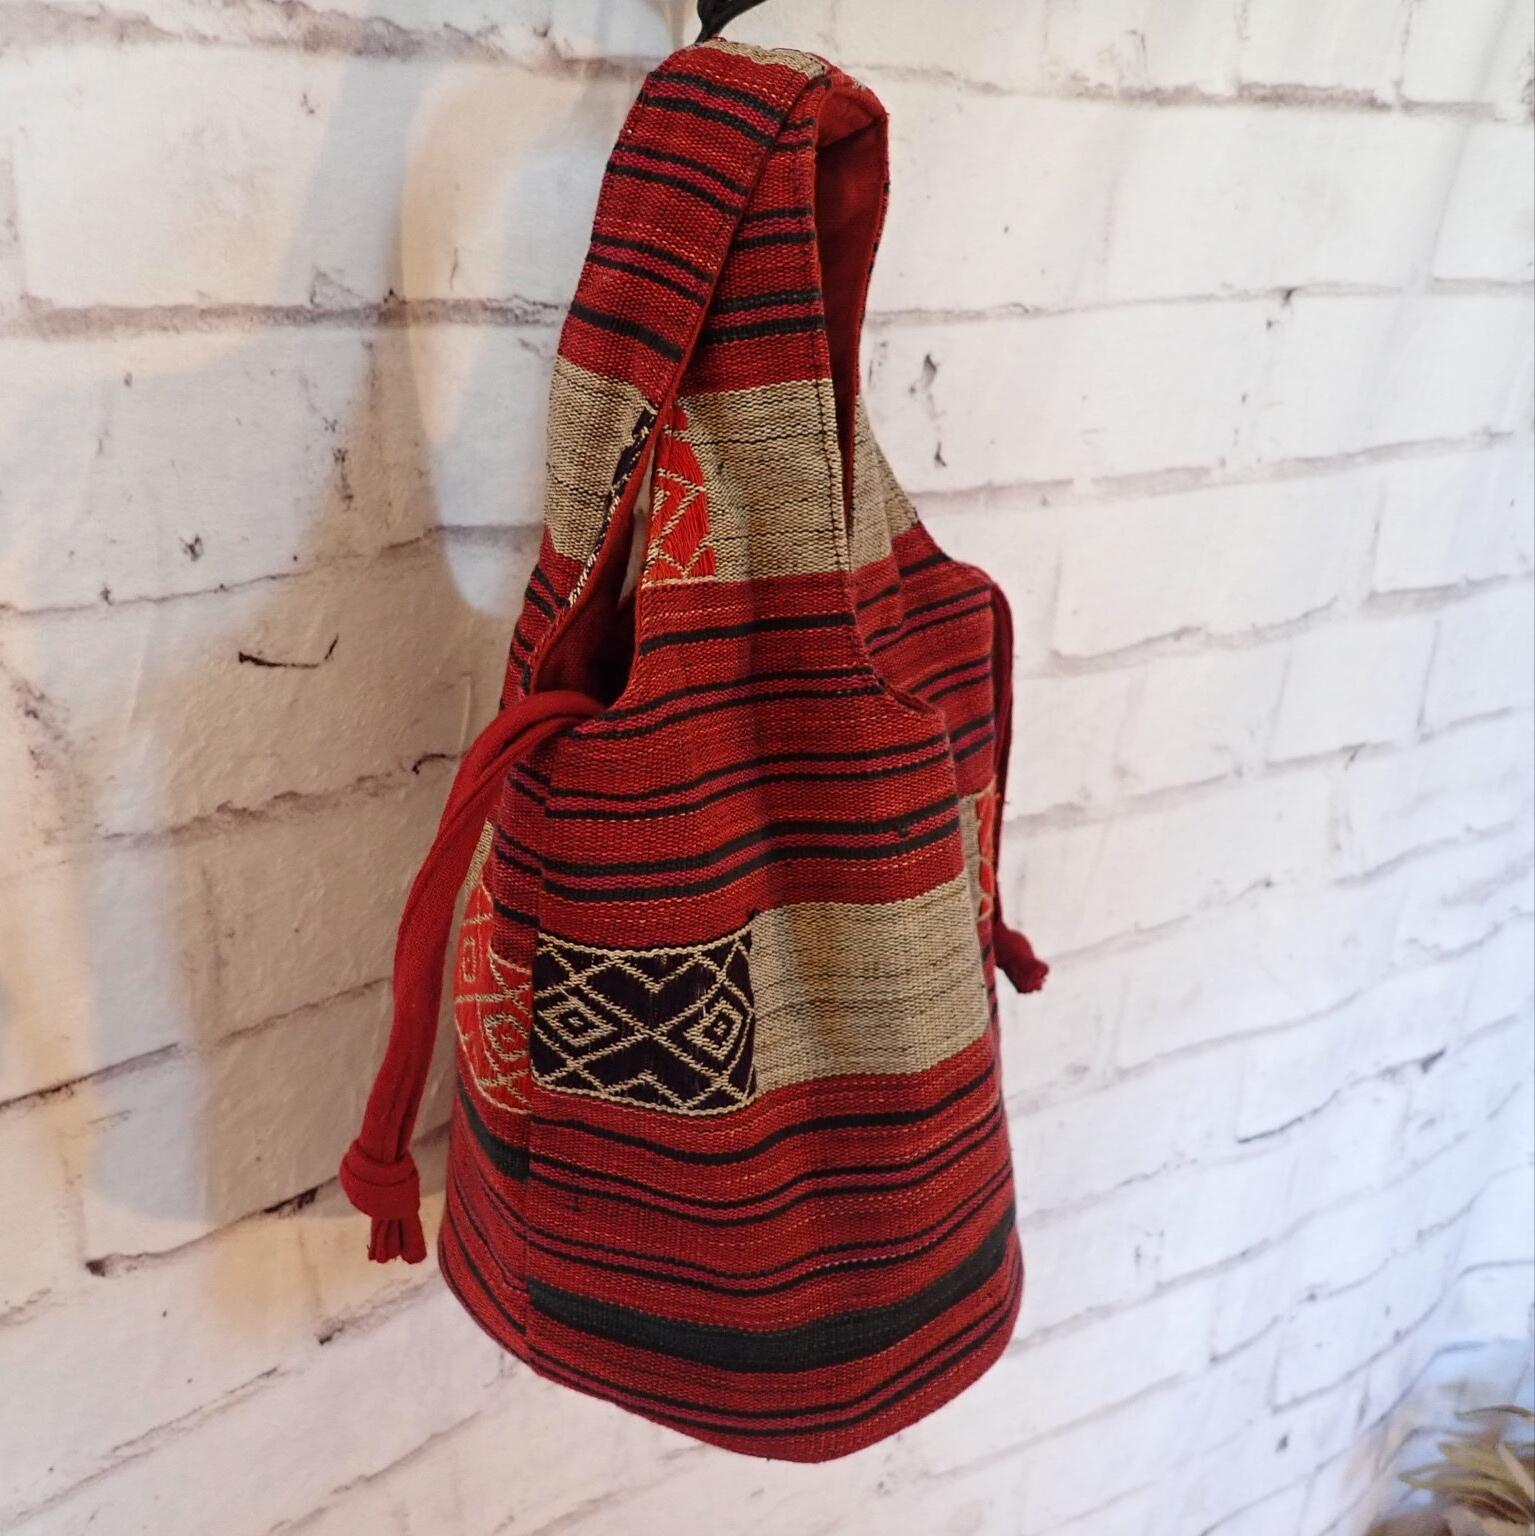 チェンマイ ナガ族刺繍のバケツ型バッグ 赤